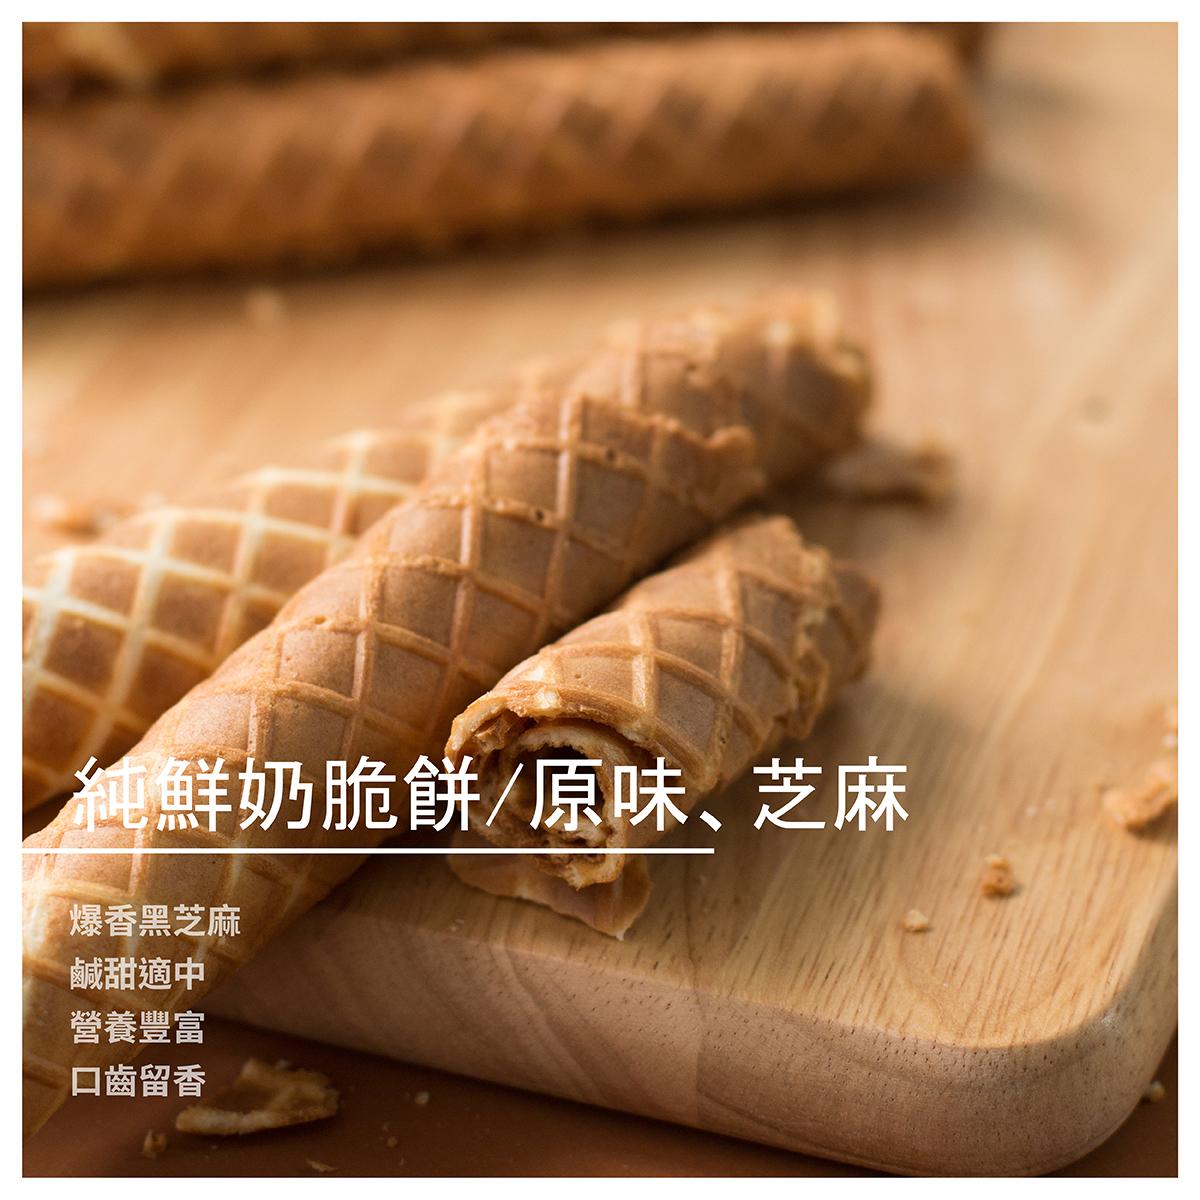 【巴部屋工房 Bsbuu House】純鮮奶脆餅/原味、芝麻